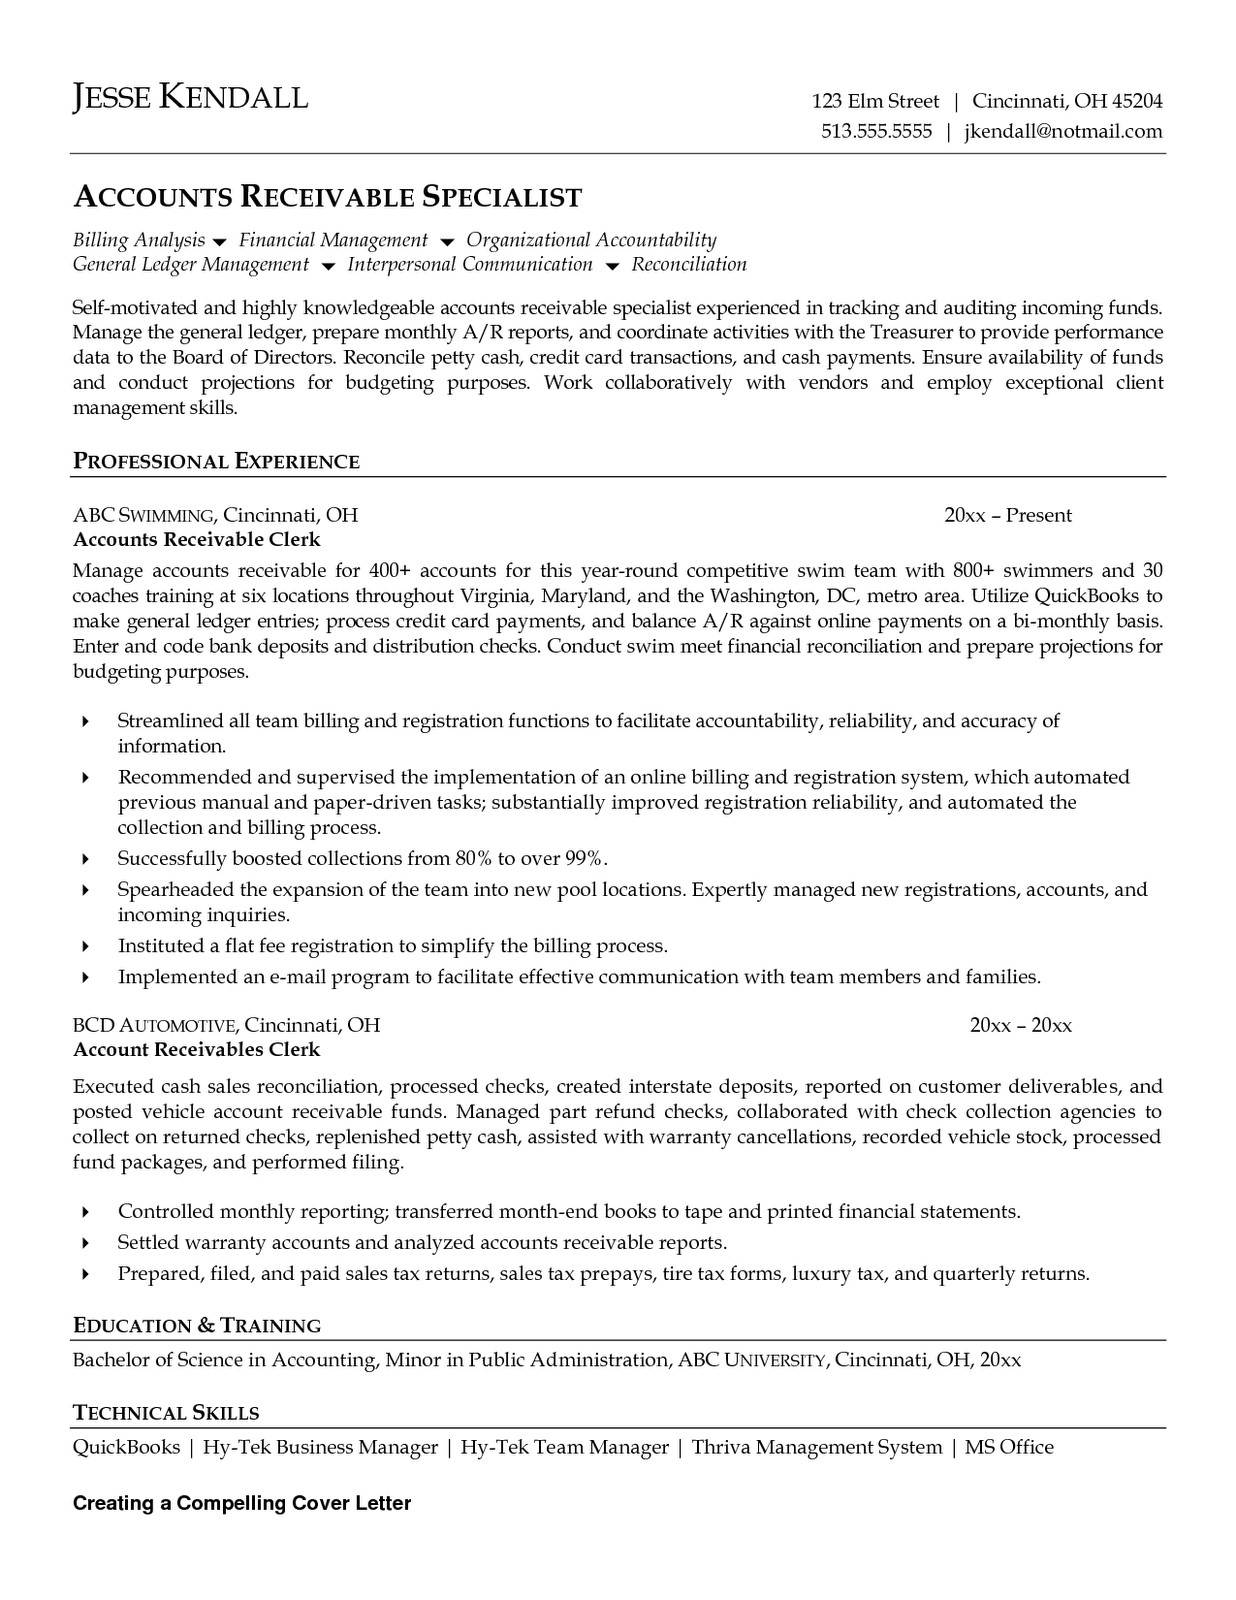 Sample Resume for Store Clerk Resume Samples Purchasing Clerk Resume